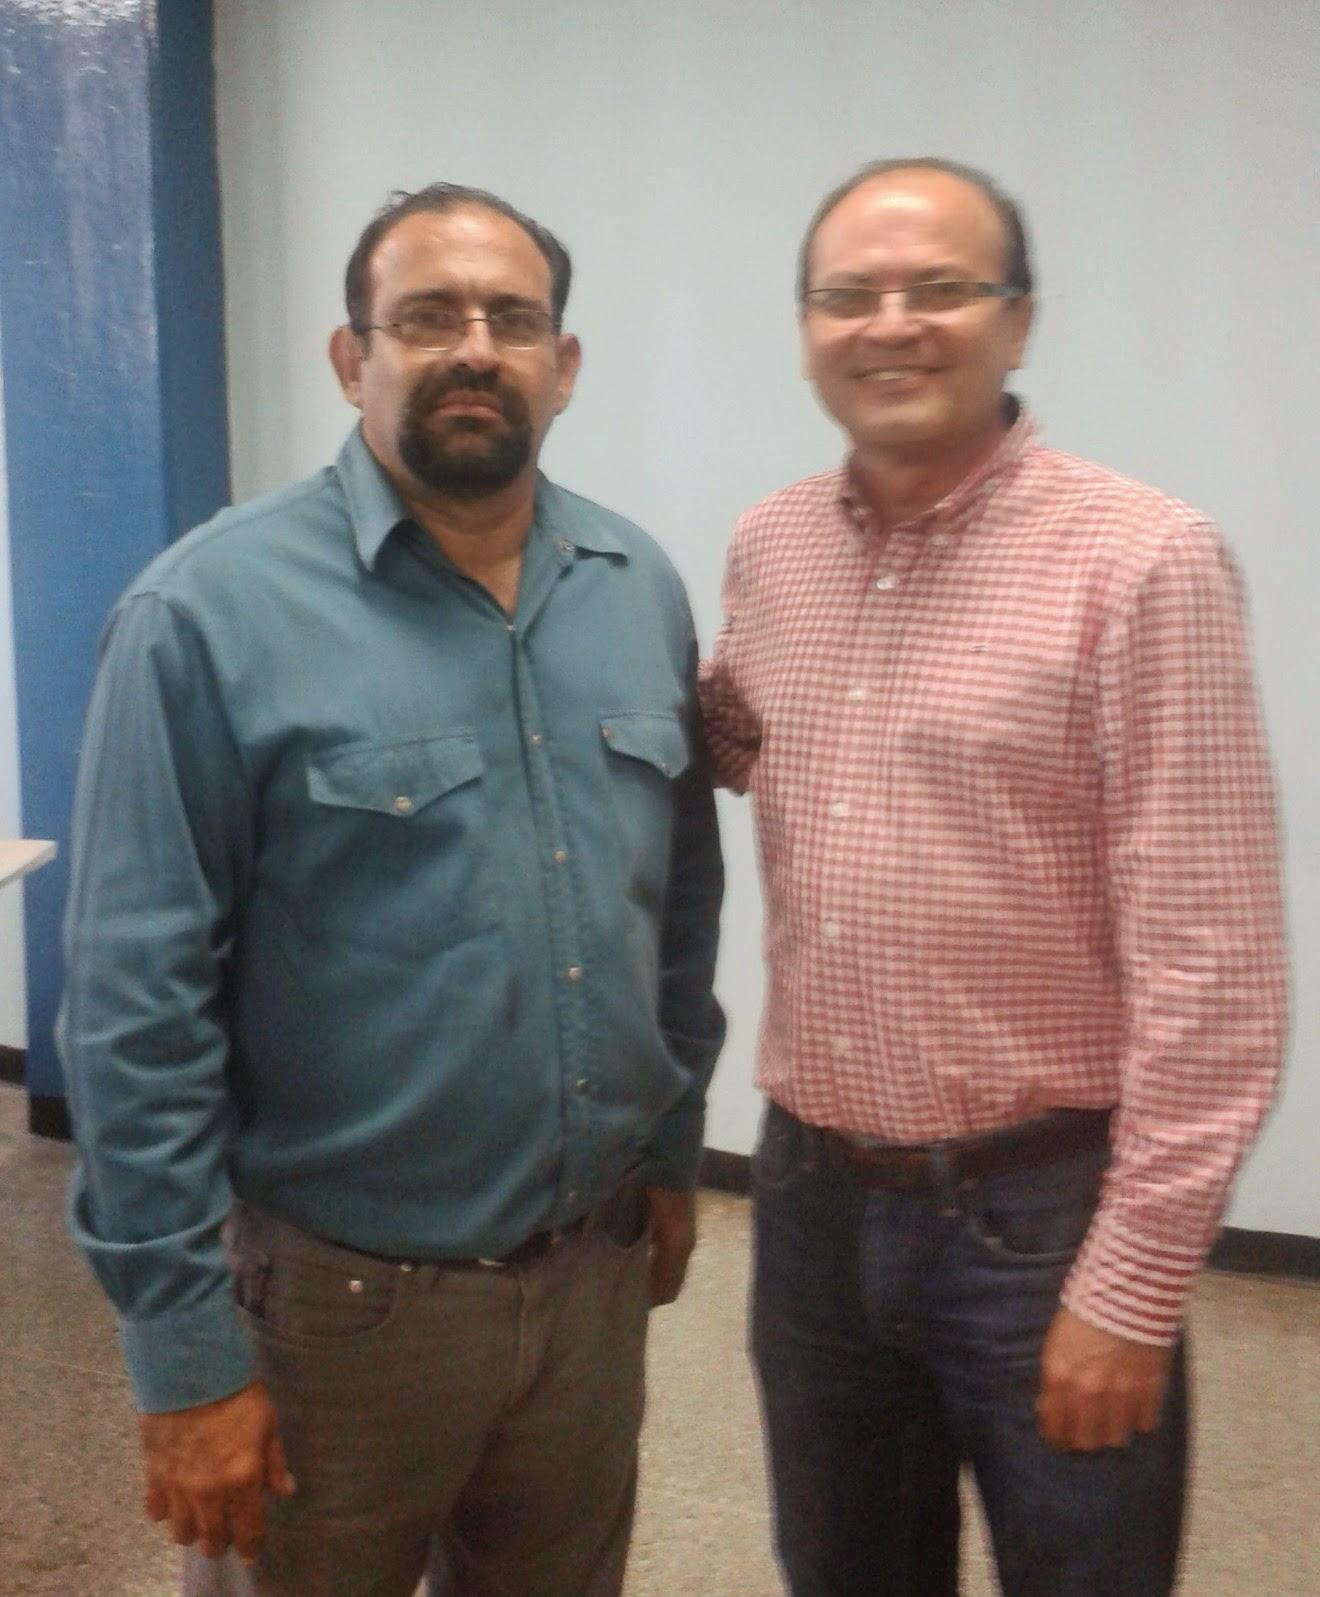 Emerson Cuadra Presidente de APESSLA  y el Dr Hector Parra Leal